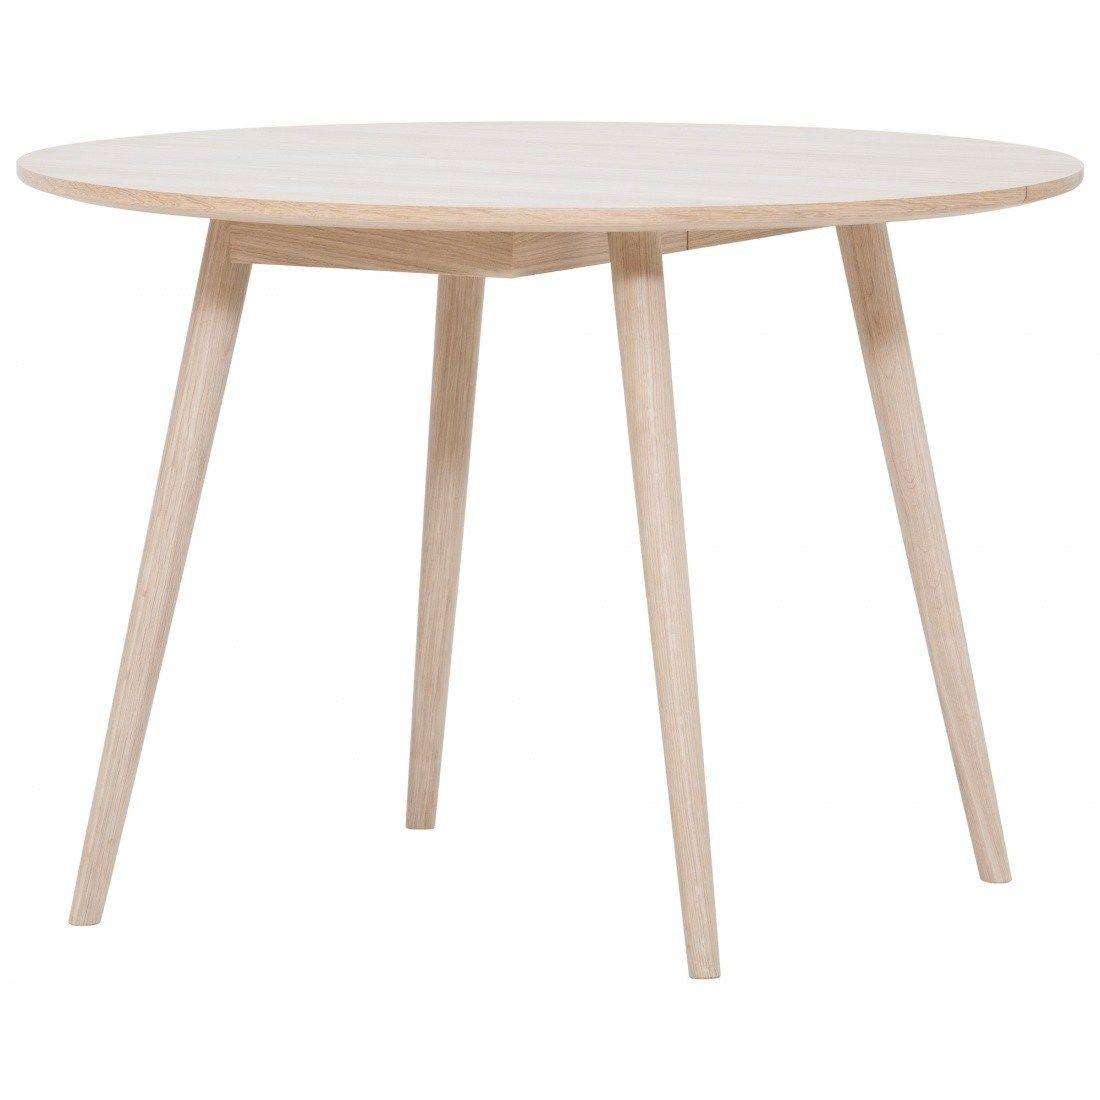 Esstisch Eiche Tisch Esszimmertisch Designer Esstisch Eiche Esszimmertisch Esstisch